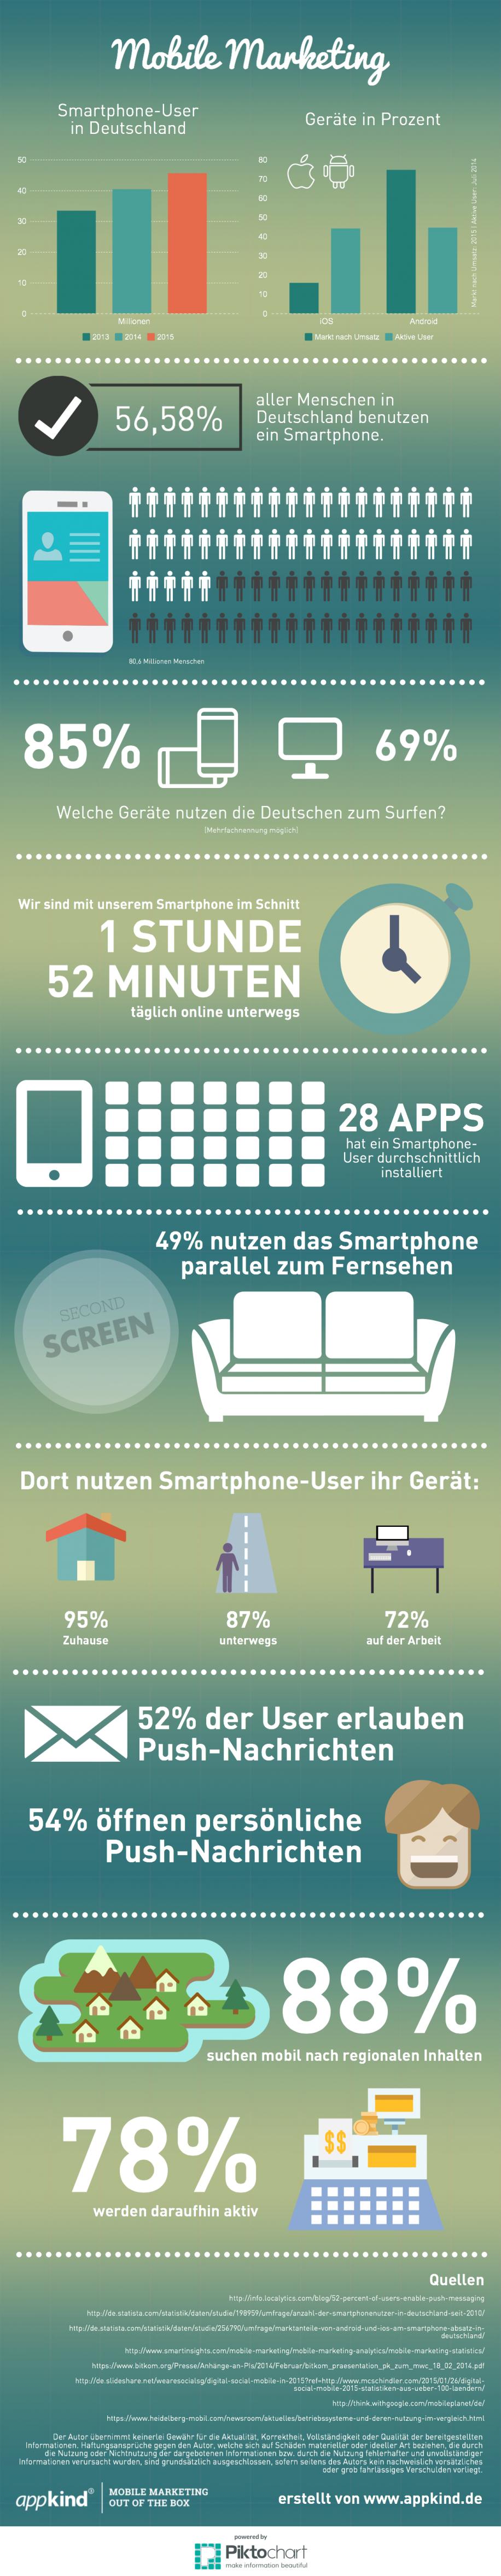 Der typische Smartphone-Nutzer. Diese #Infografik gibt die Antwort